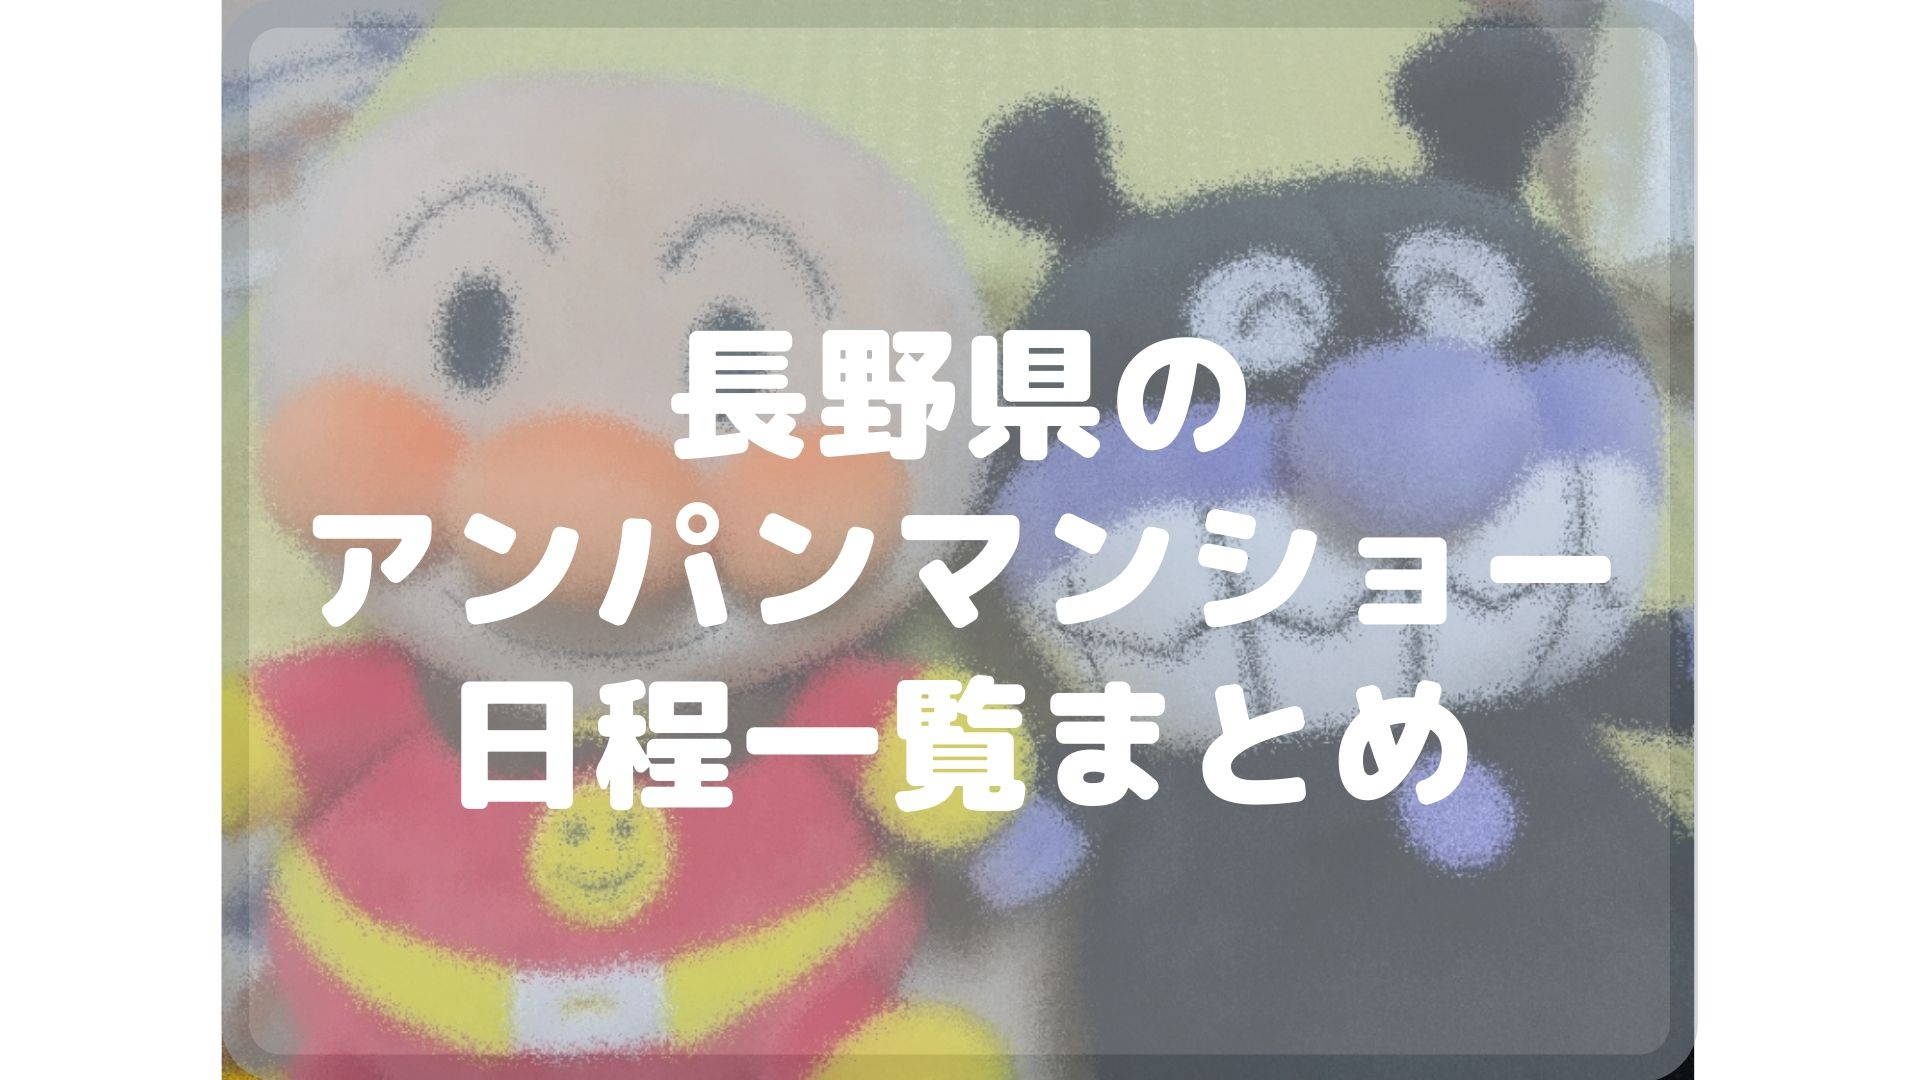 長野県のアンパンマンショーまとめタイトル画像